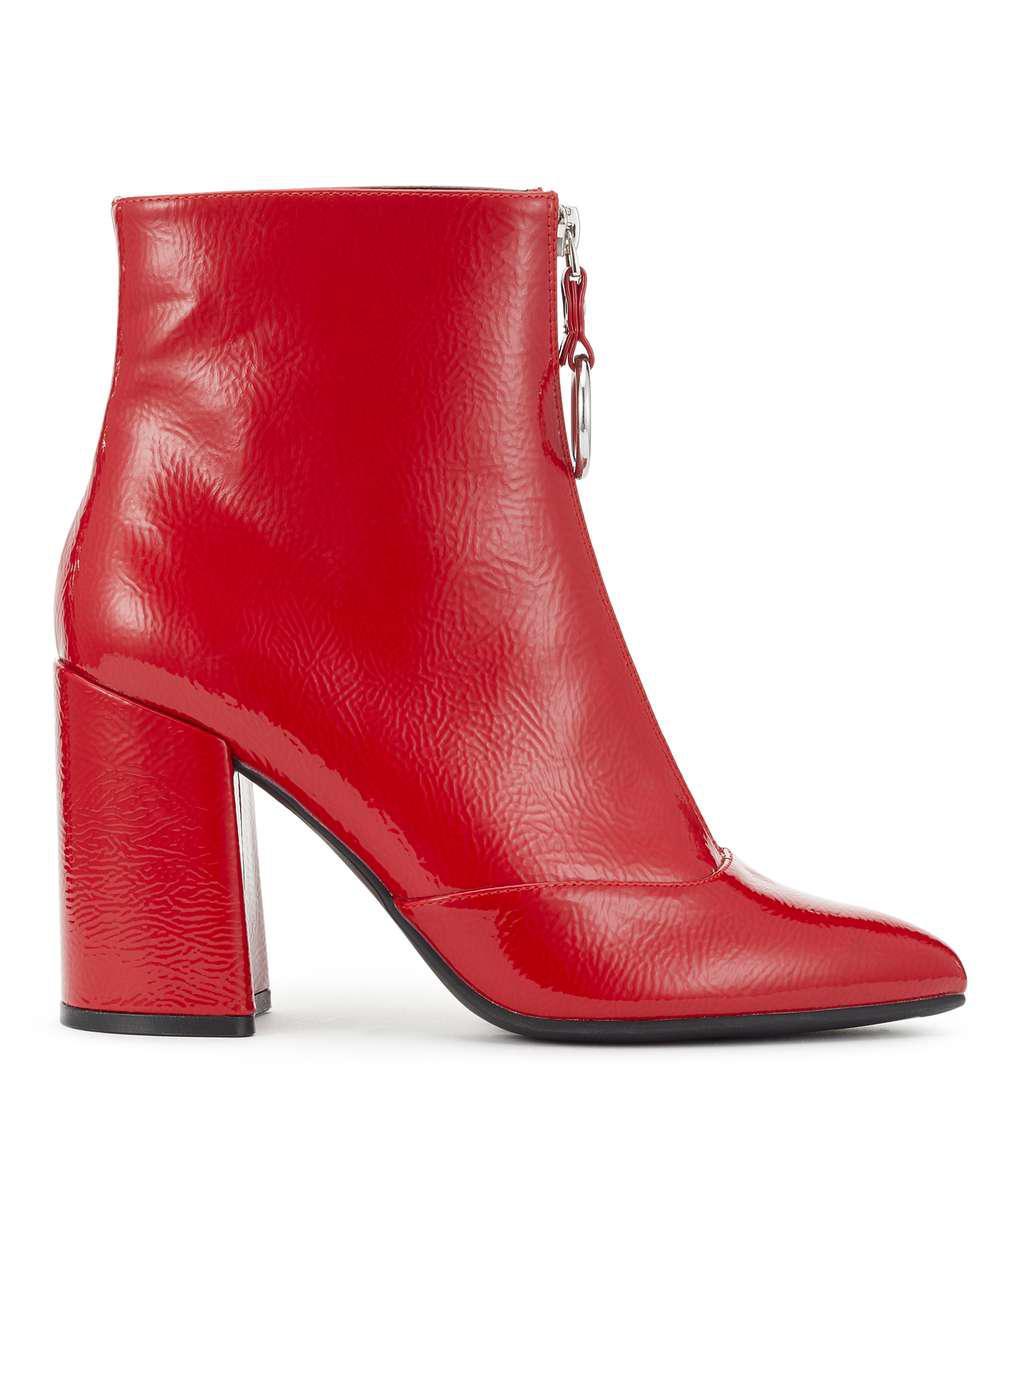 Miss Selfridge Darla Crinkle Red Zip Boots Lyst